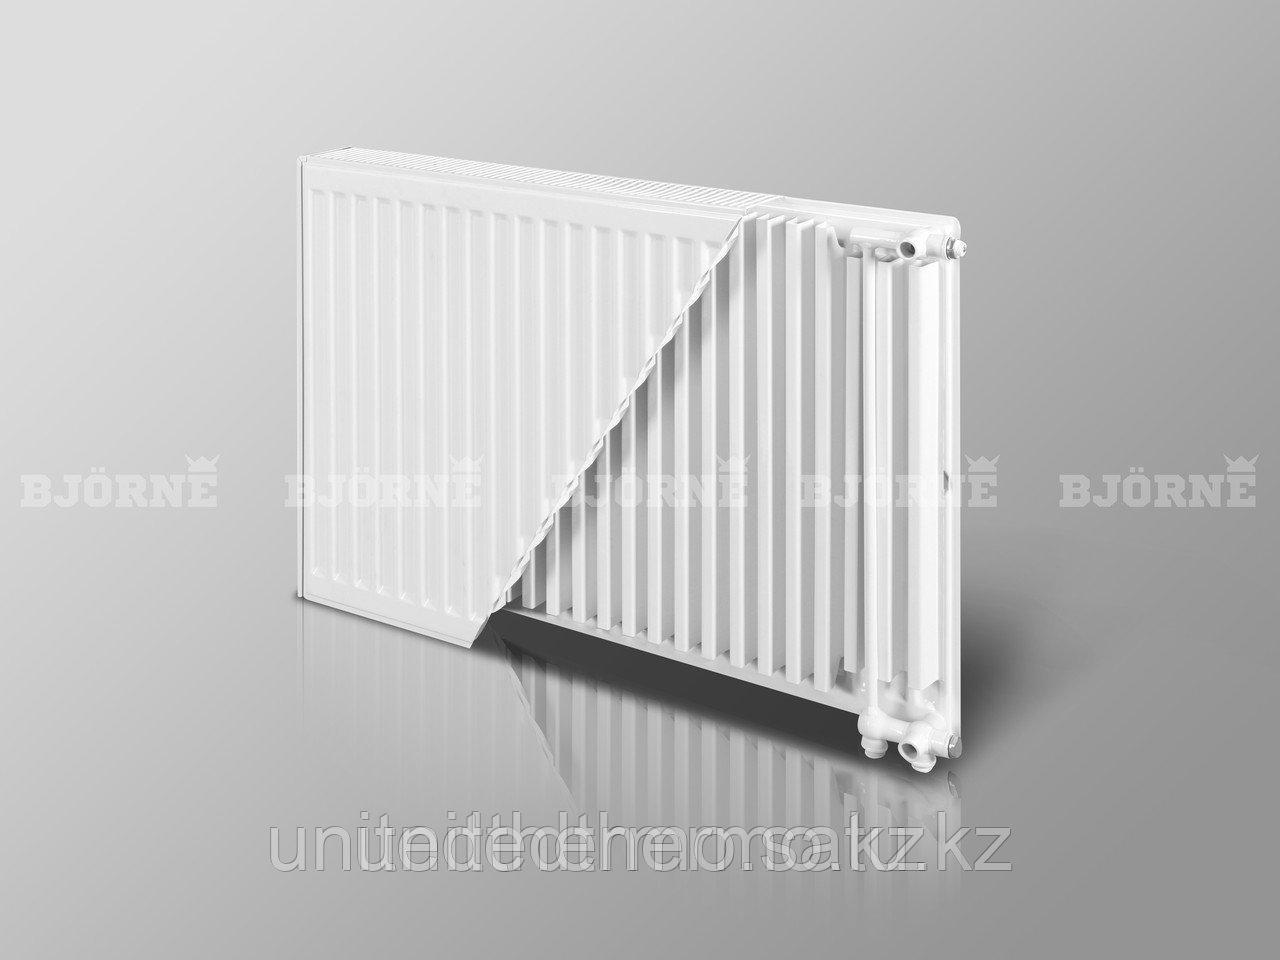 Стальной панельный радиатор Bjorne тип 22VK  H500мм*L2200мм до L3000мм нижнее подключение